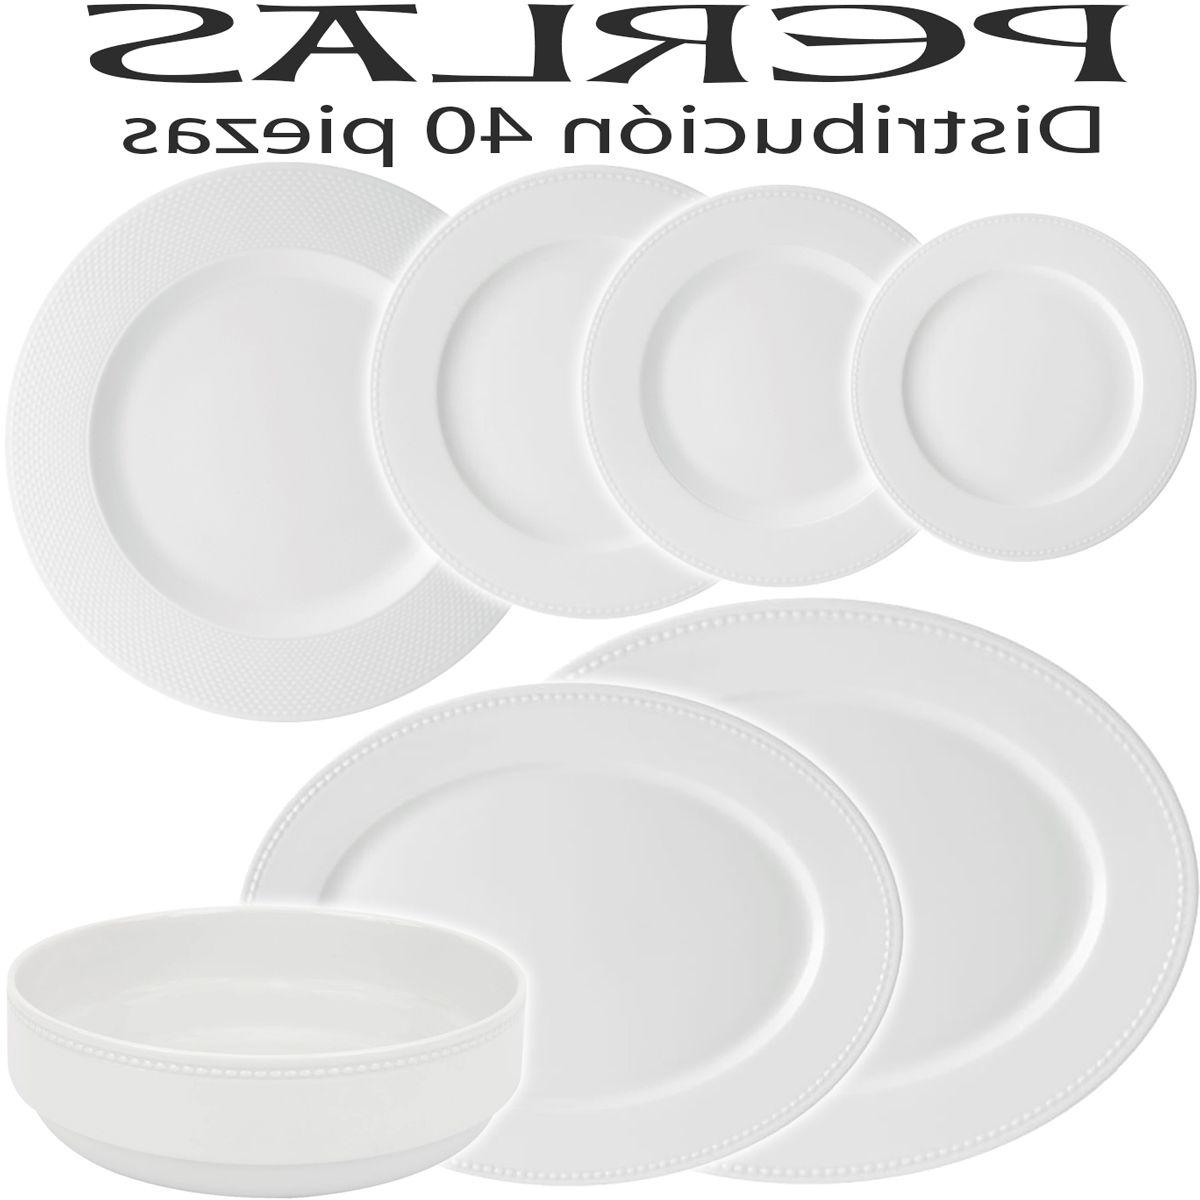 Vajilla Hosteleria Barata Tqd3 Platos Baratos Perlas Vista Alegre Porcelana Profesional En Su Hogar